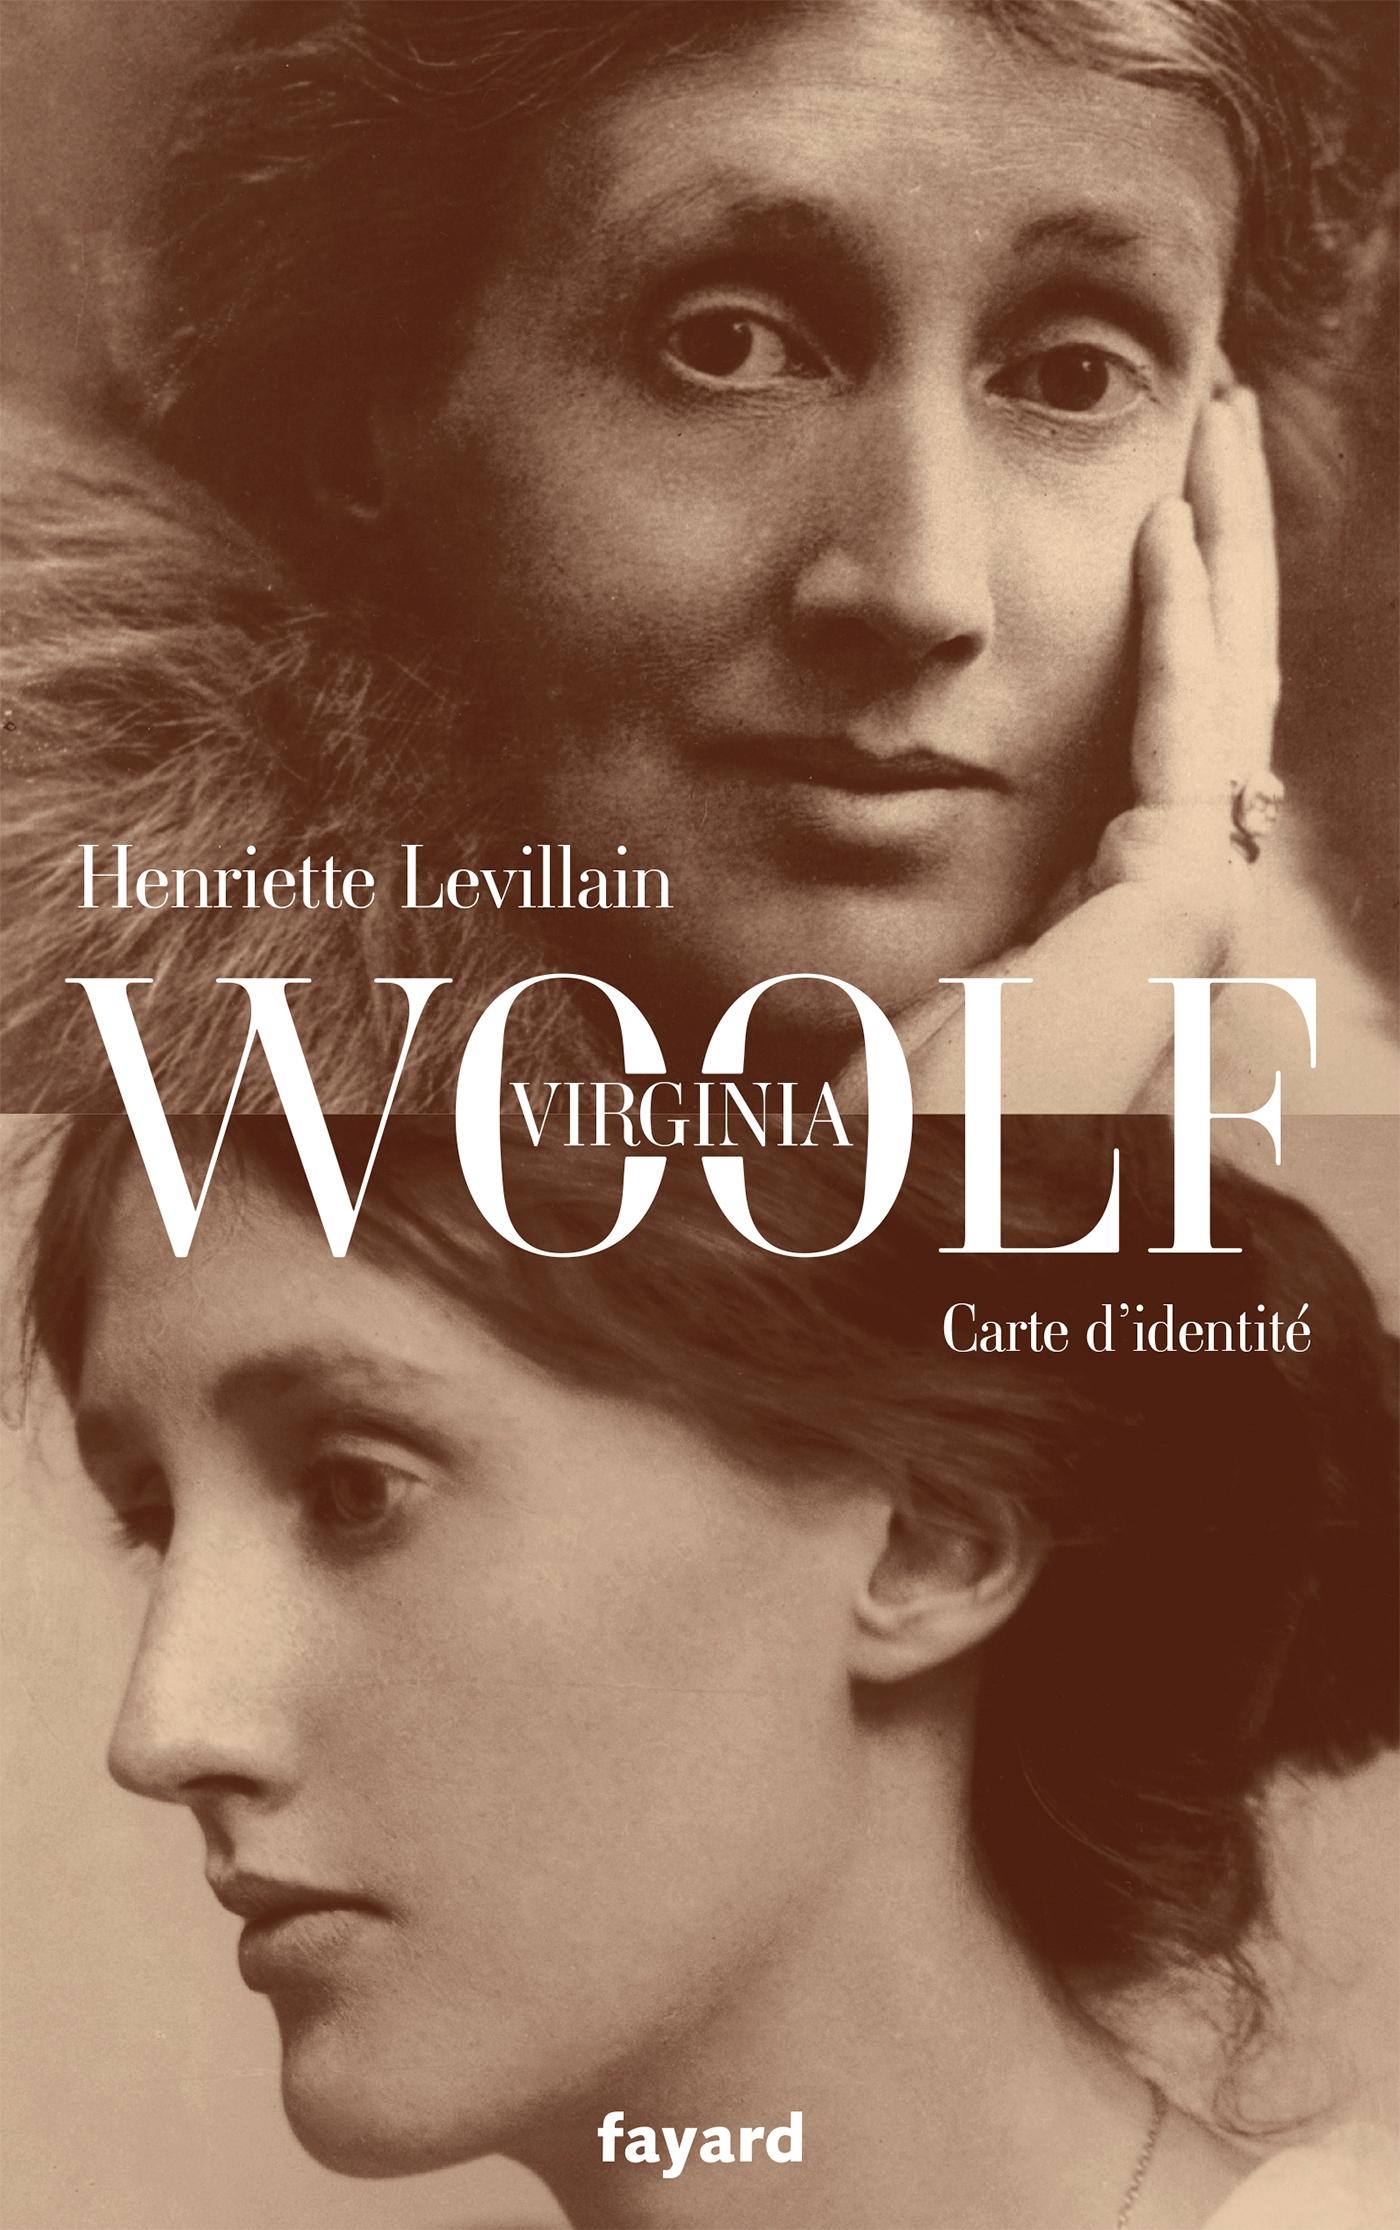 Virginia Woolf, carte d'identité | Levillain, Henriette. Auteur